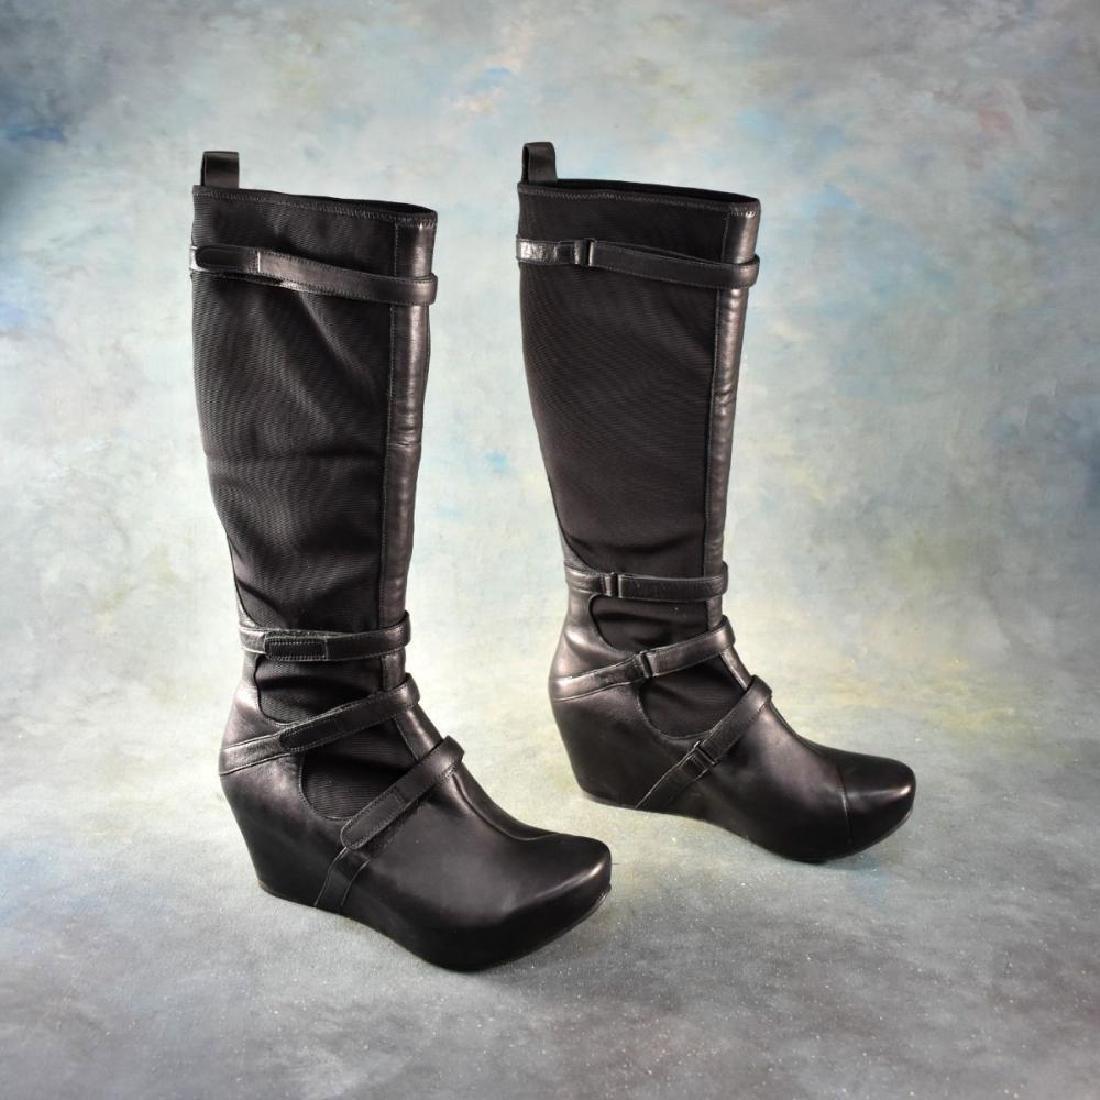 """Pr Ladies' Black """"Olapa"""" Boots by Tsubo (Size 8 US)"""